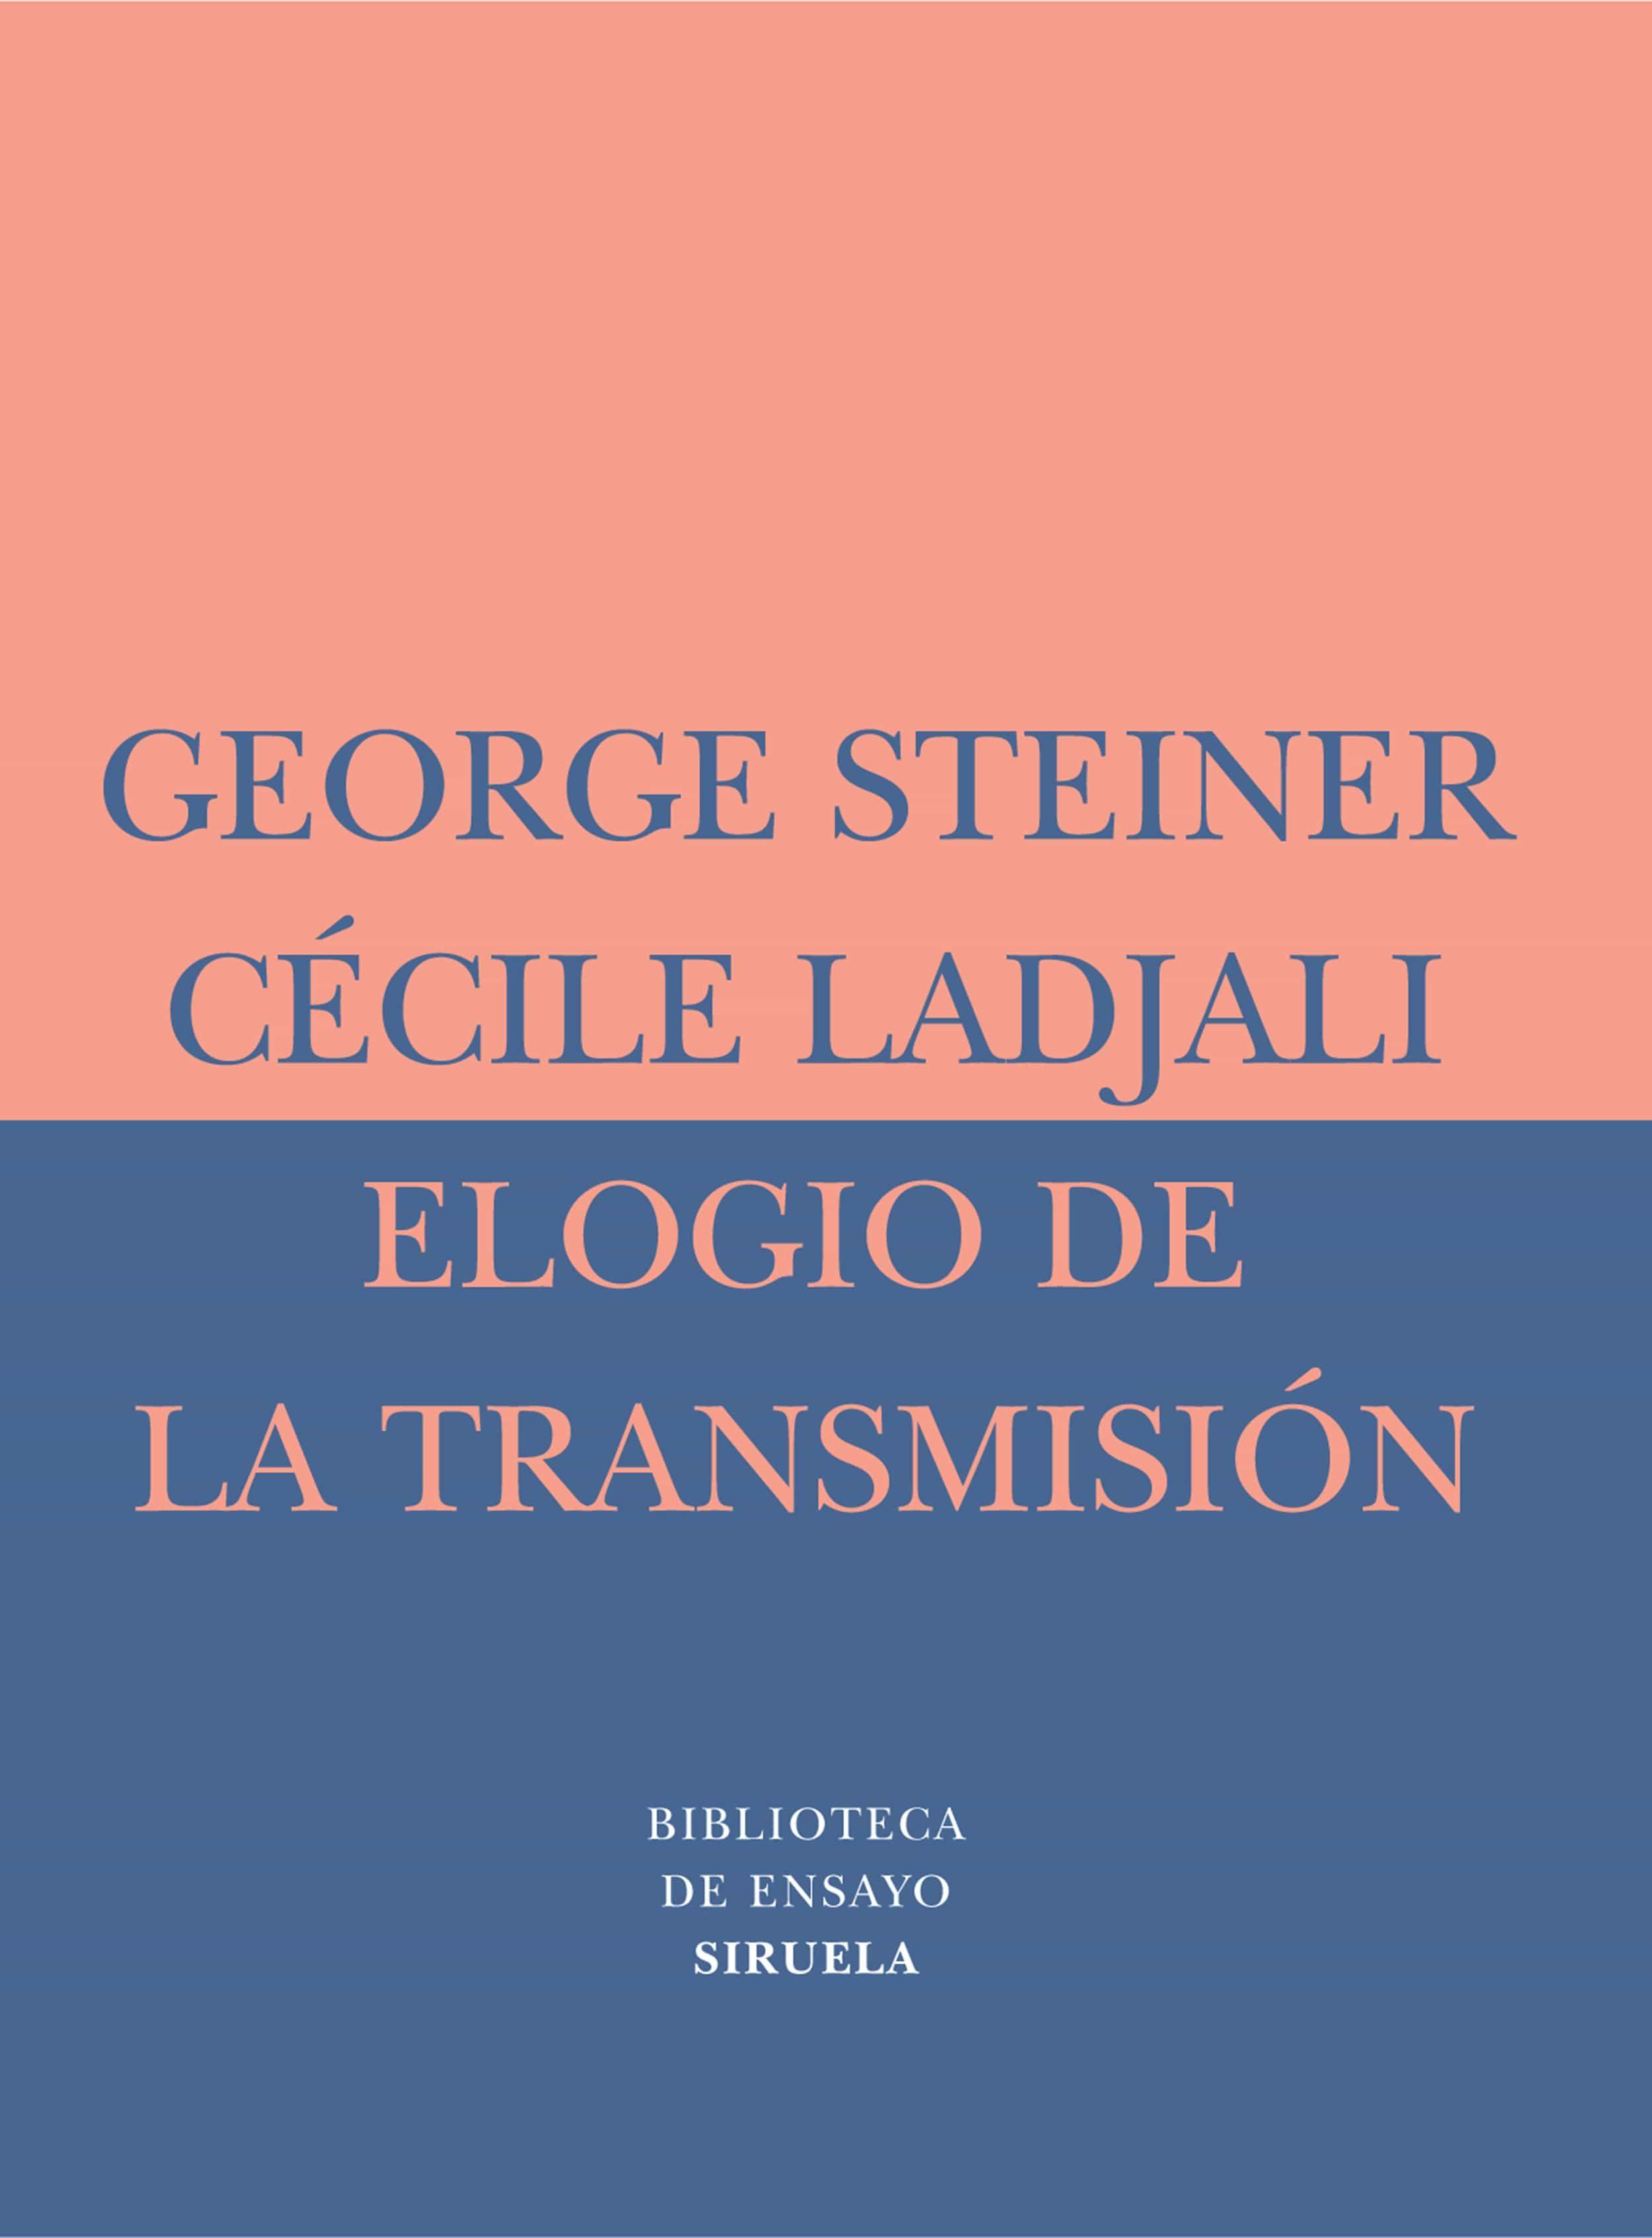 Elogio De La Transmision: Maestro Y Alumno por George Steiner;                                                                                    Cecile Ladjali epub